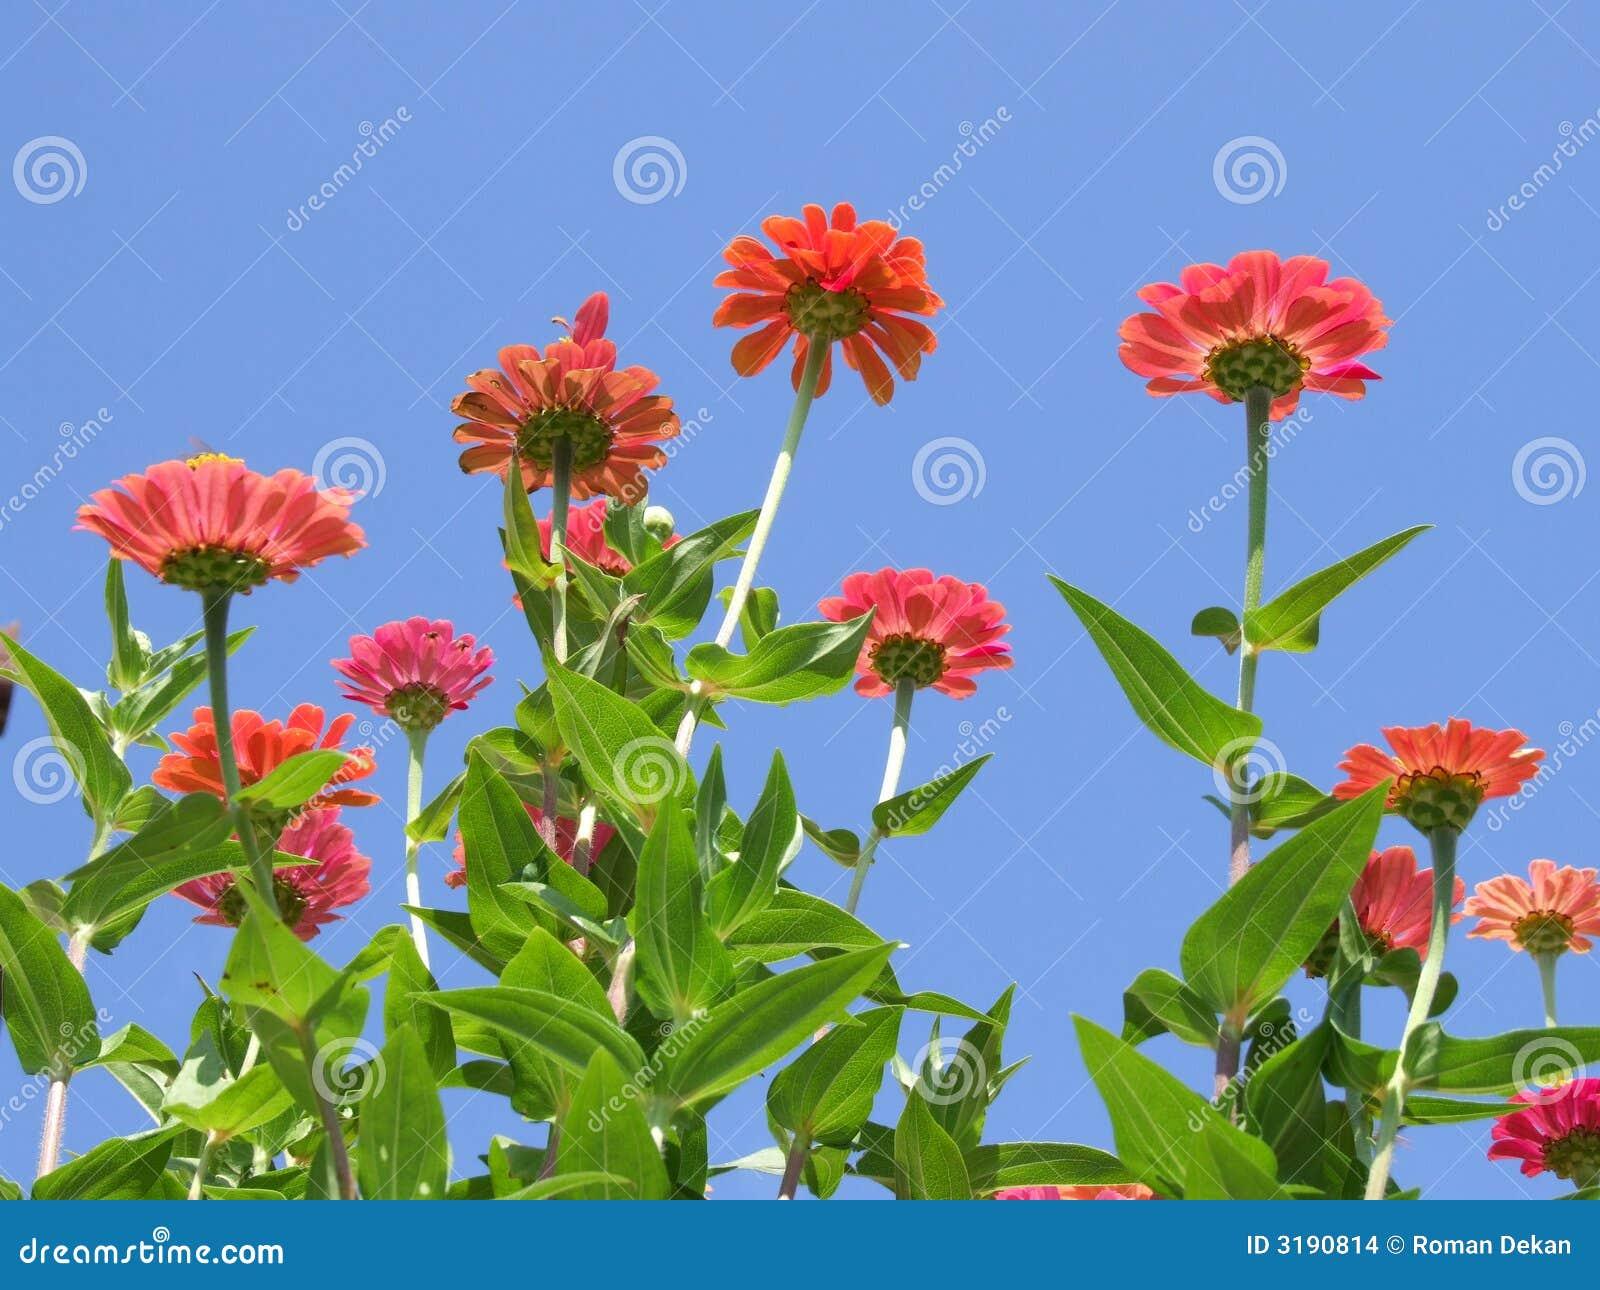 jardim bonito floresce  a foto com flores, Closeup da opinião da